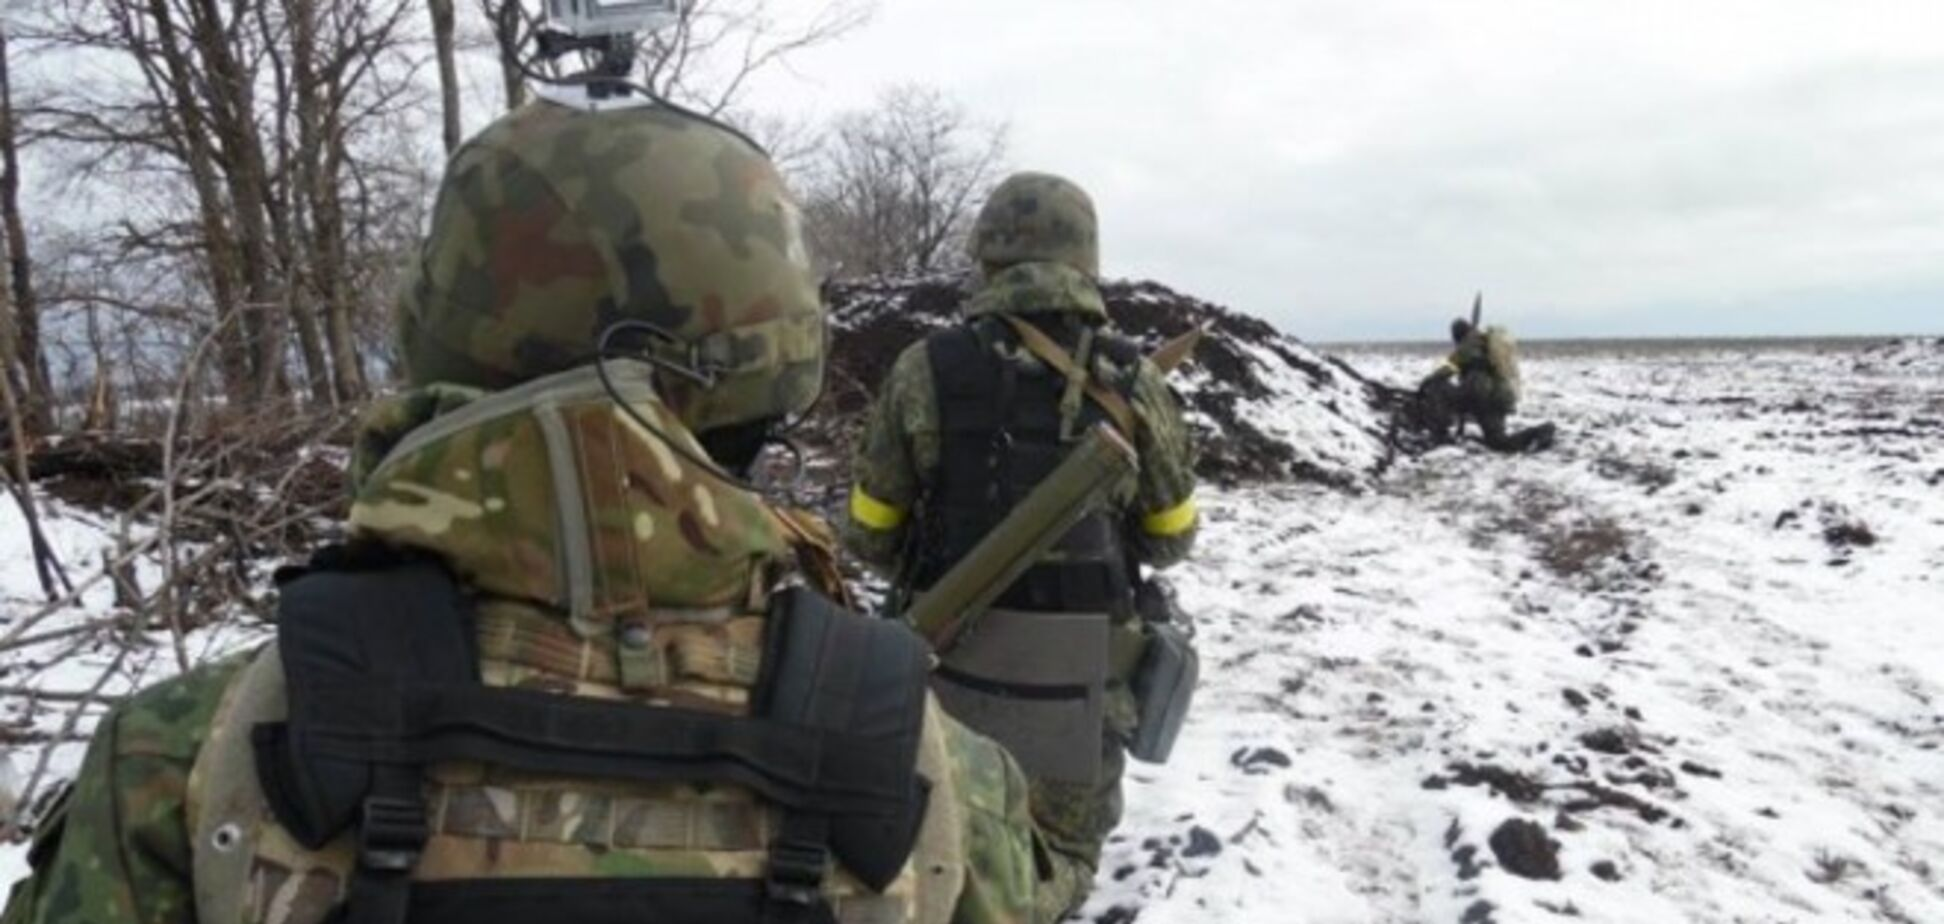 Из четырехдневного окружения в Широкино не смогли выйти 10 бойцов, они пропали - СМИ